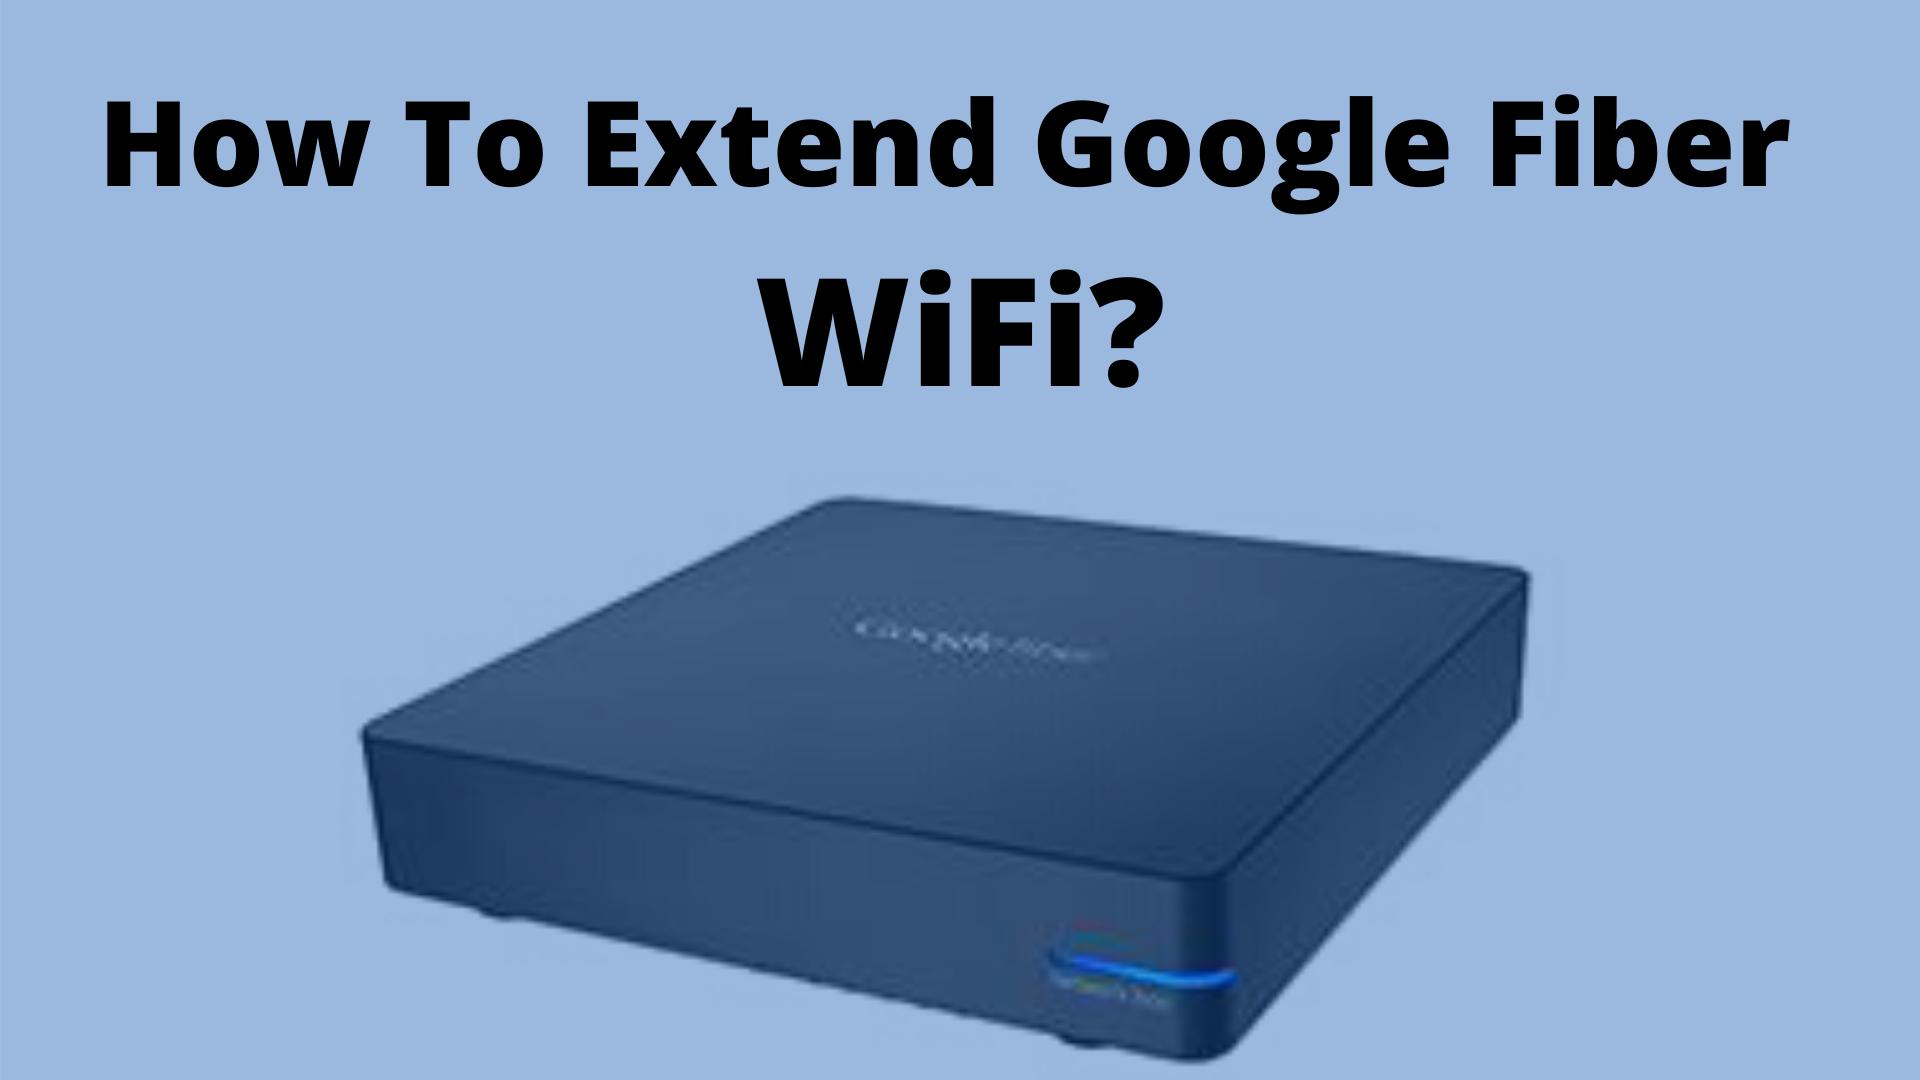 How To Extend Google Fiber WiFi